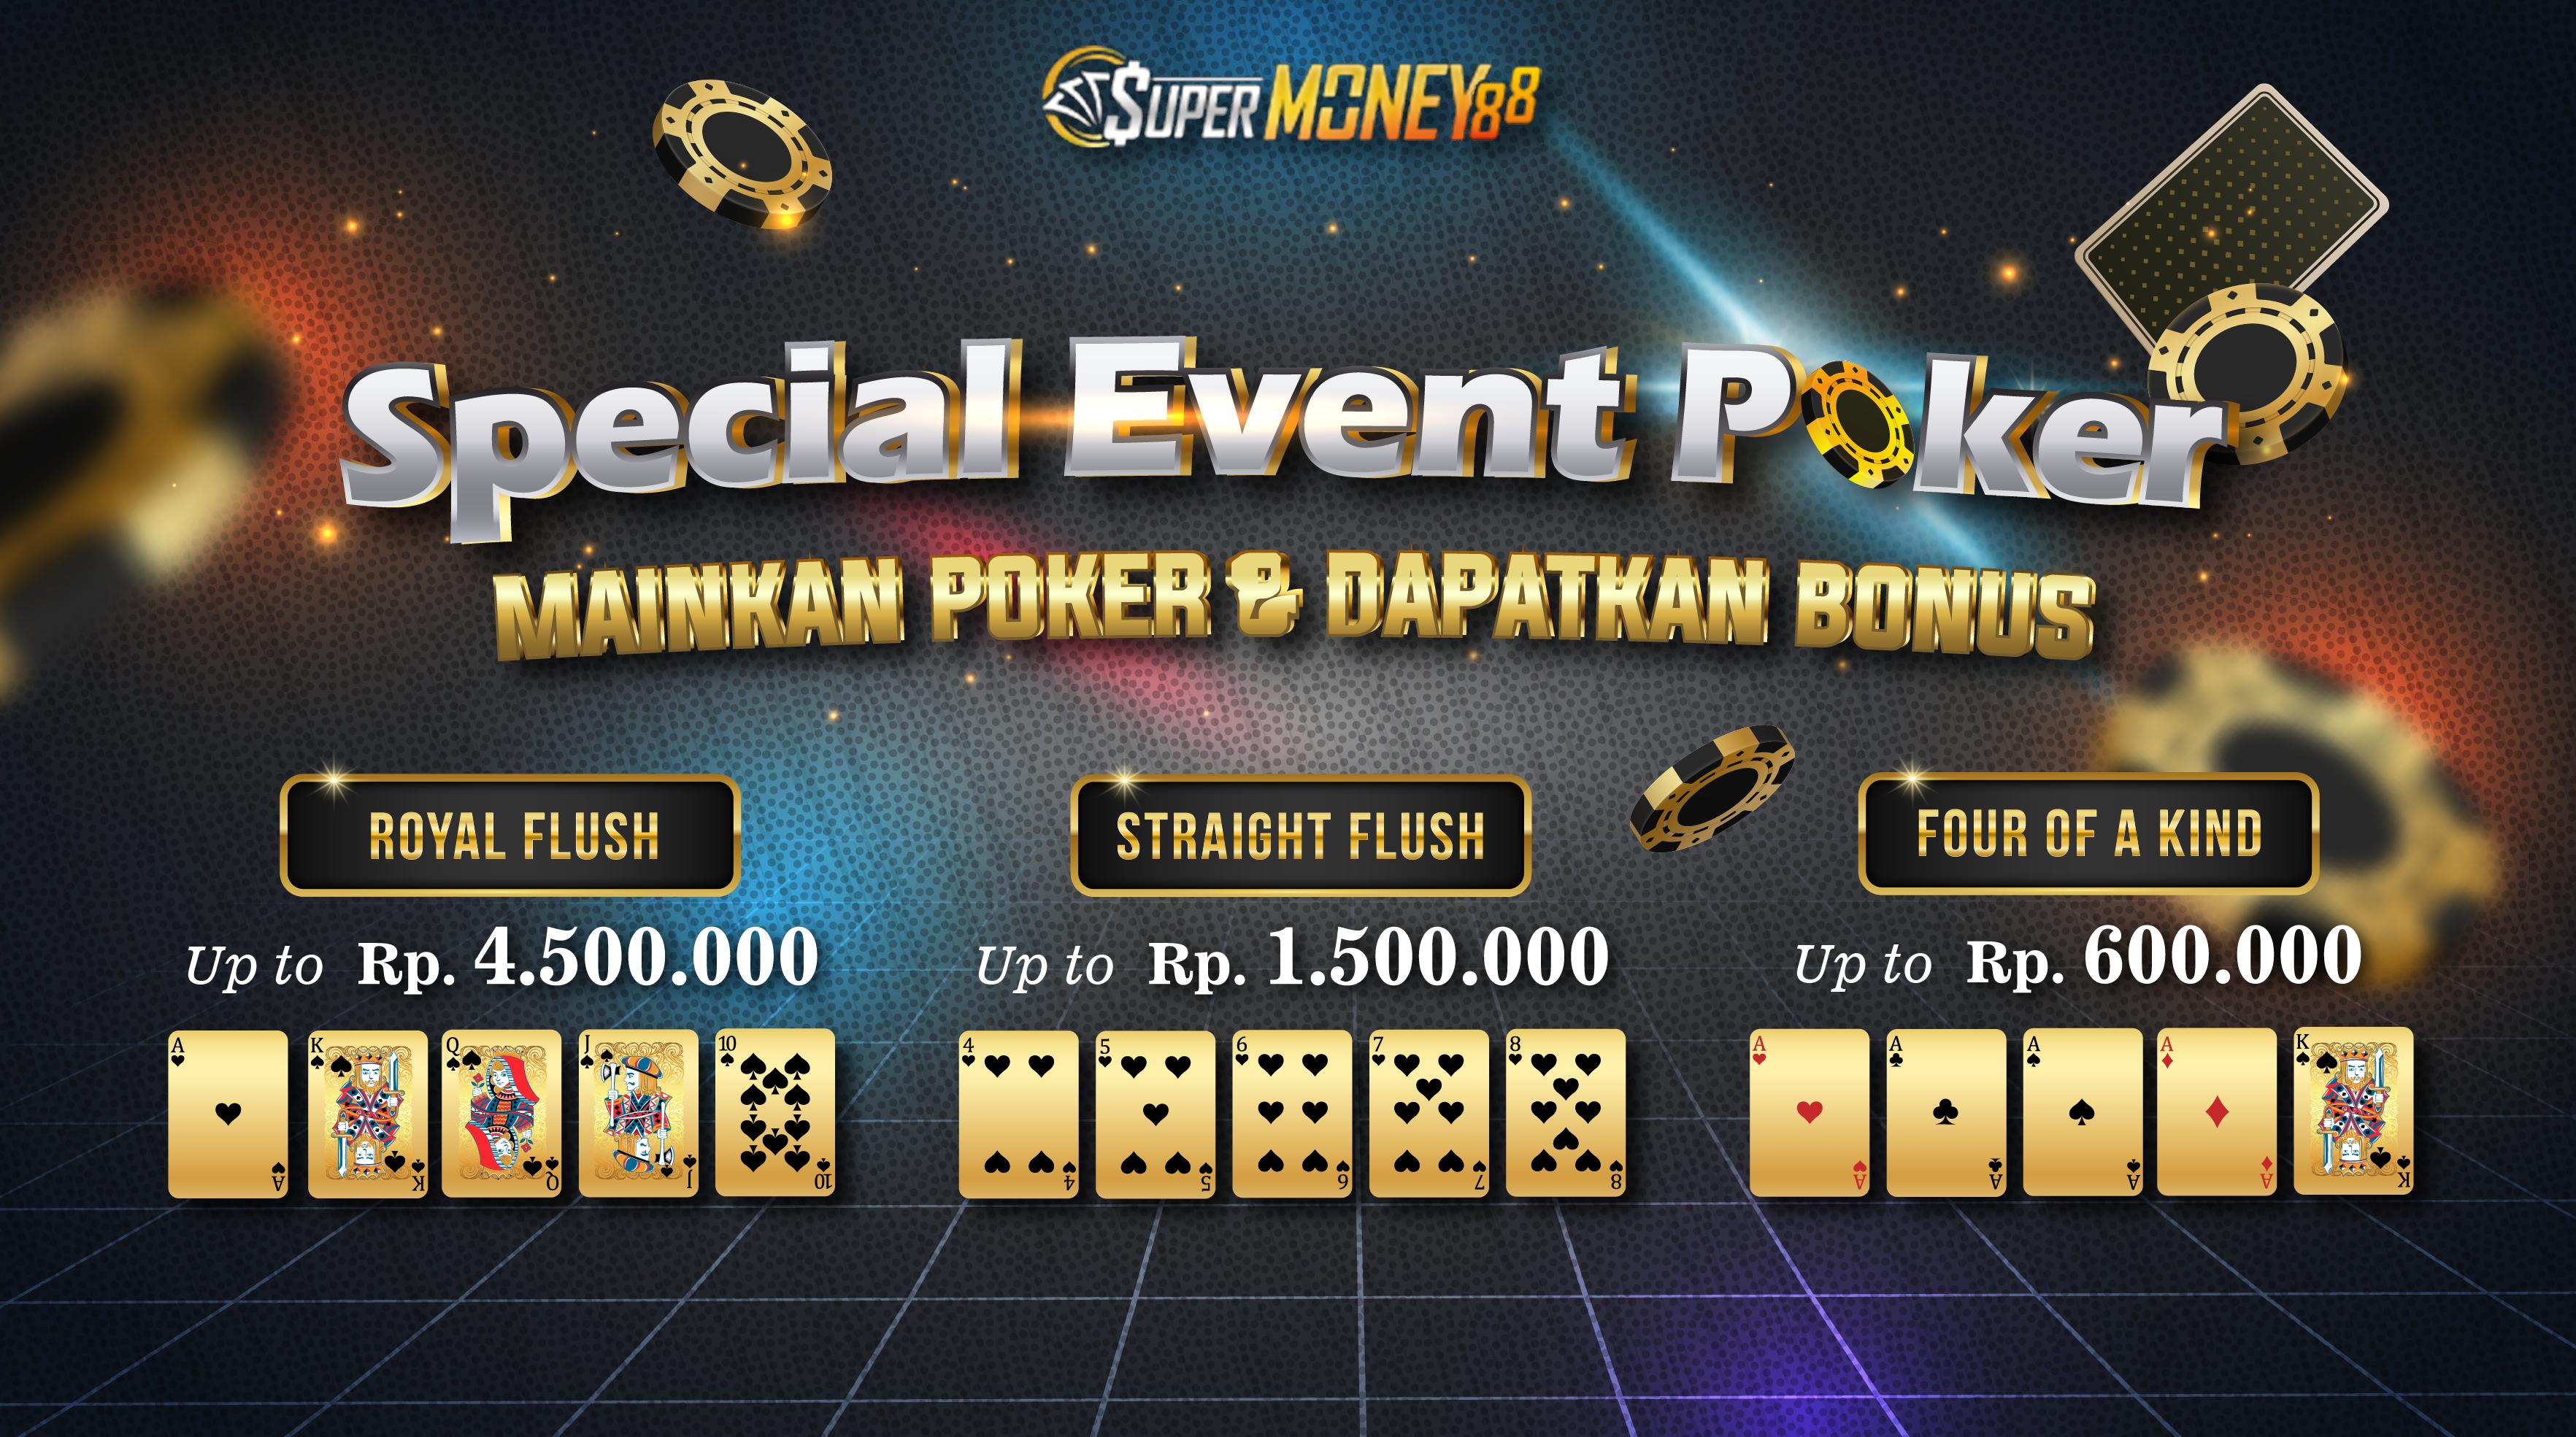 event poker supermoney 88